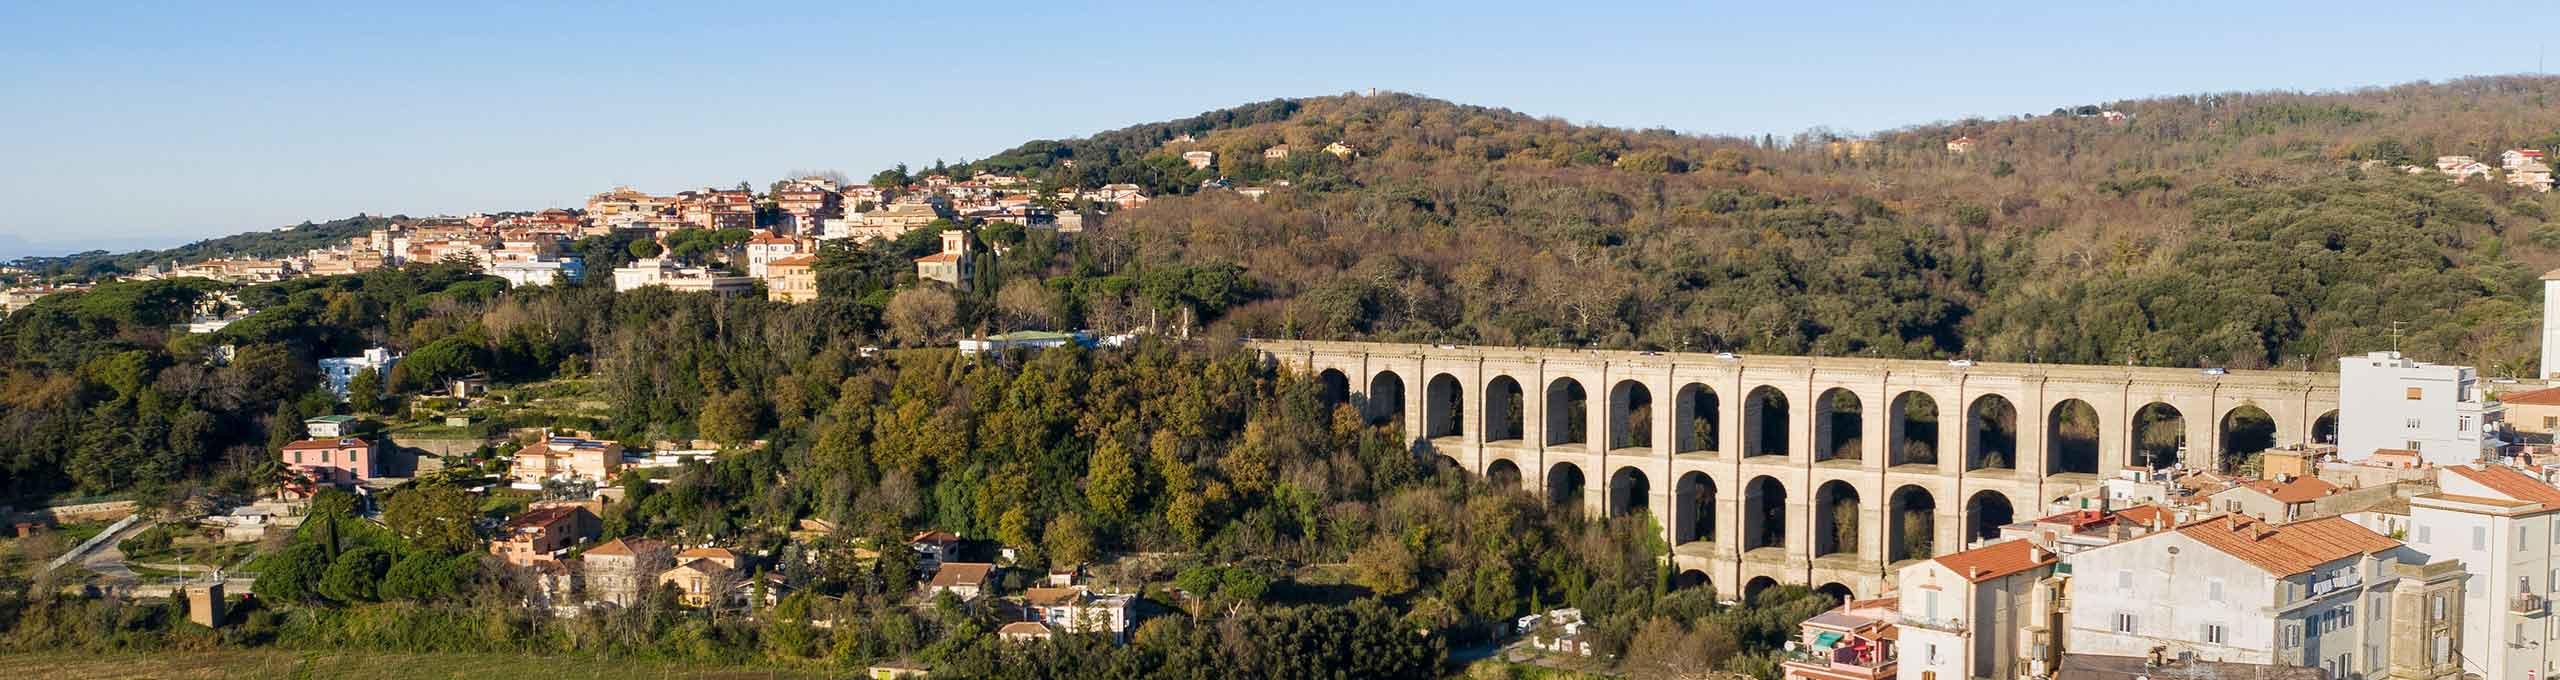 Ariccia, Castelli Romani, viadotto stradale costruito verso la metà del XIX secolo